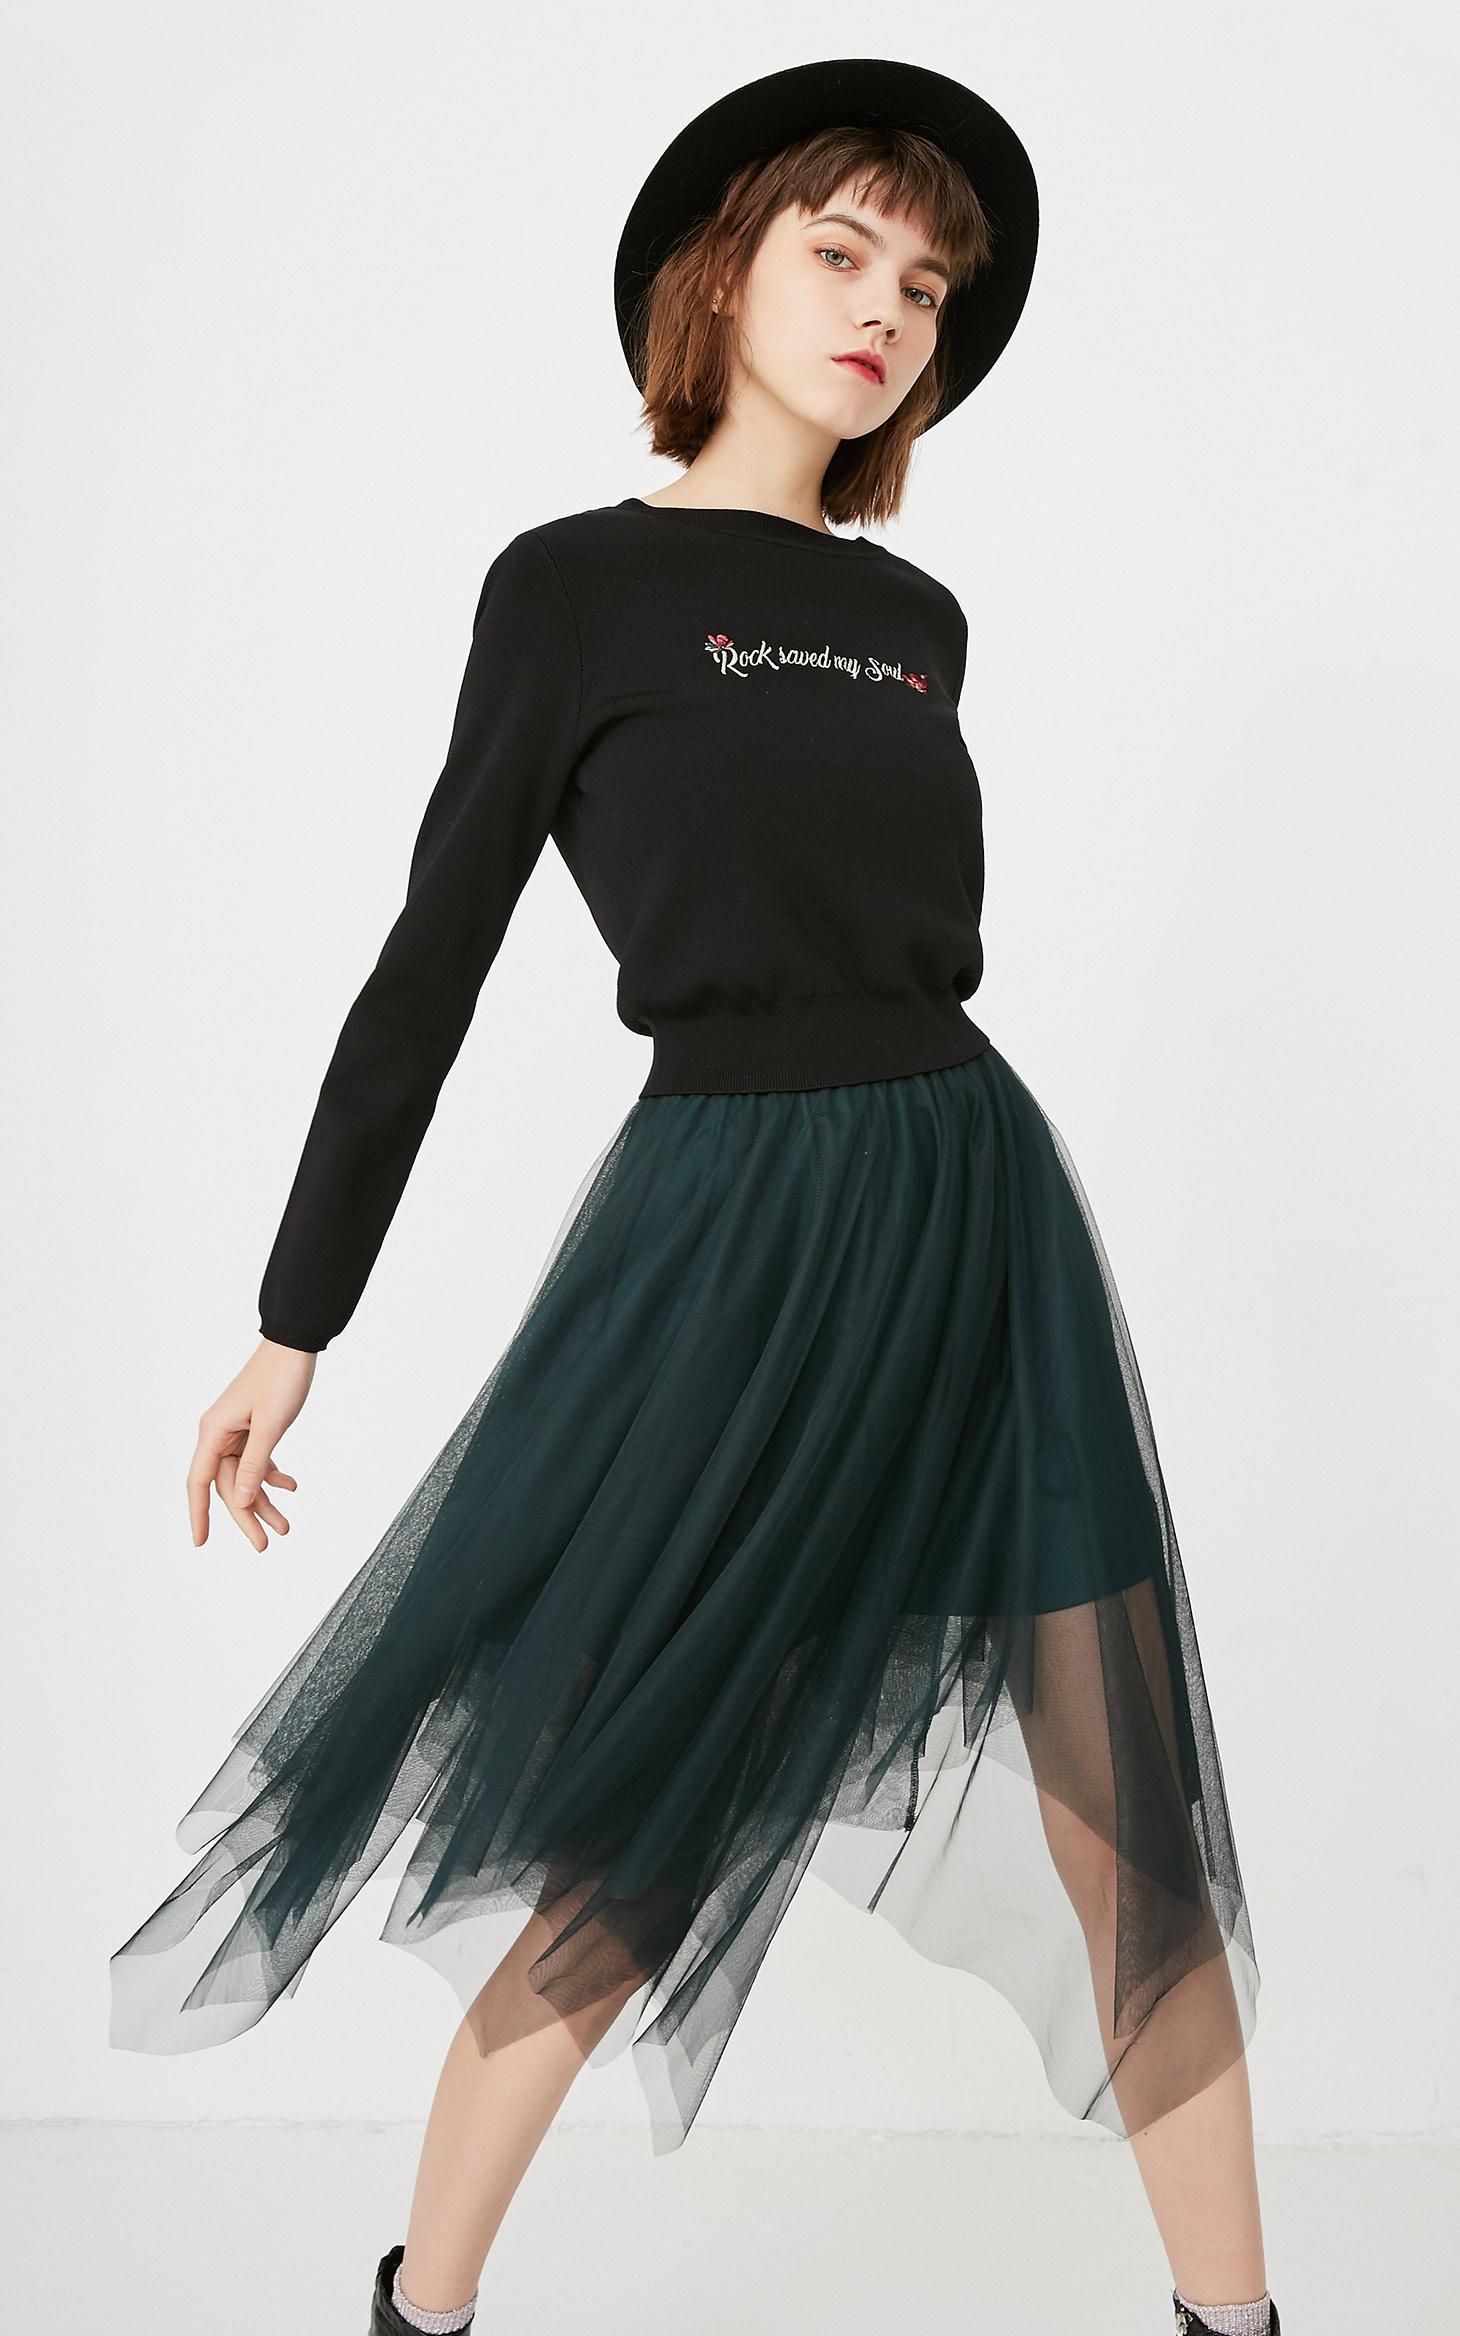 针织网纱拼接两件套连衣裙